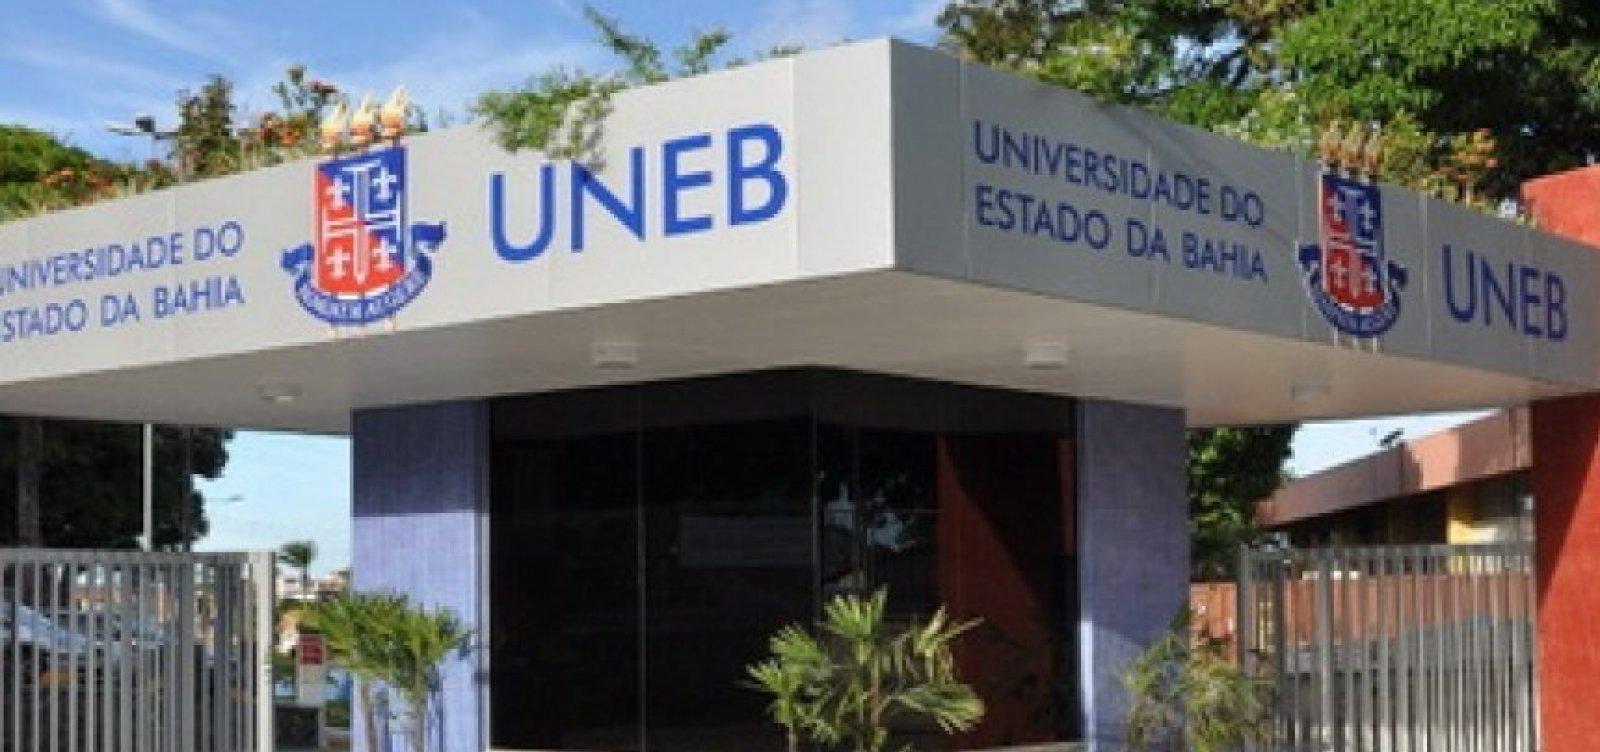 Universidades estaduais baianas não têm previsão de retorno presencial